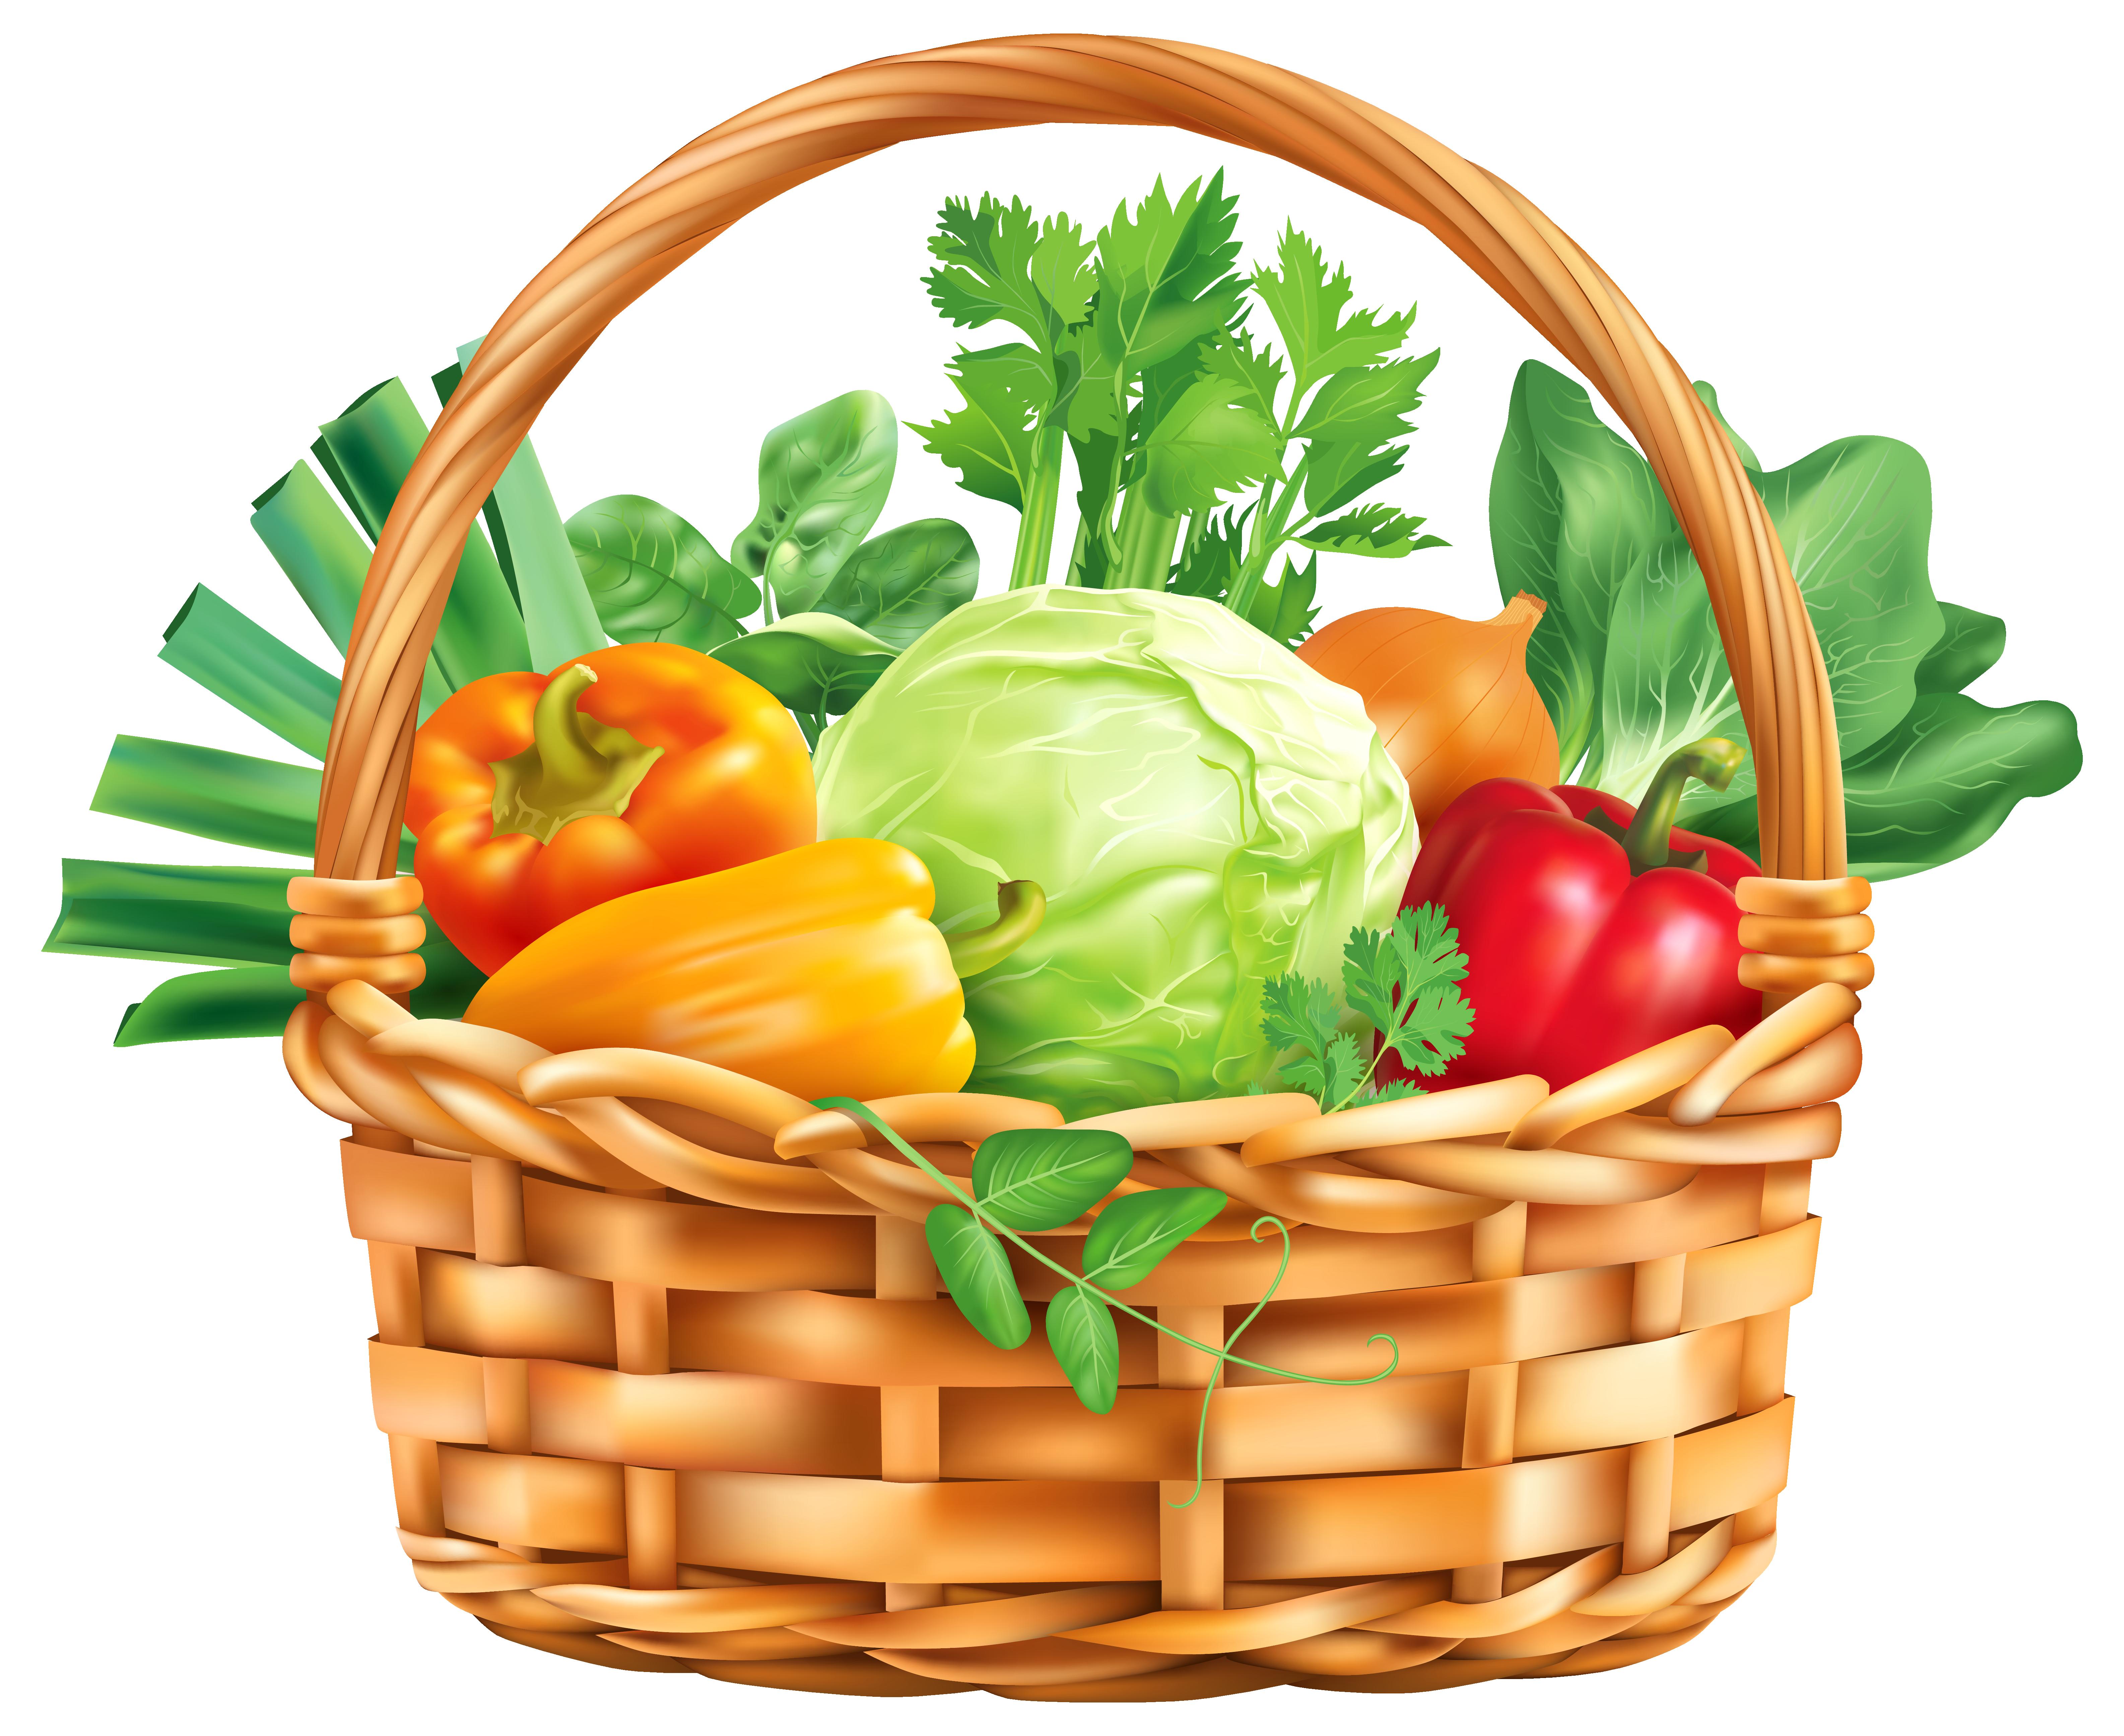 Vegitable Basket PNG Clipart Image.